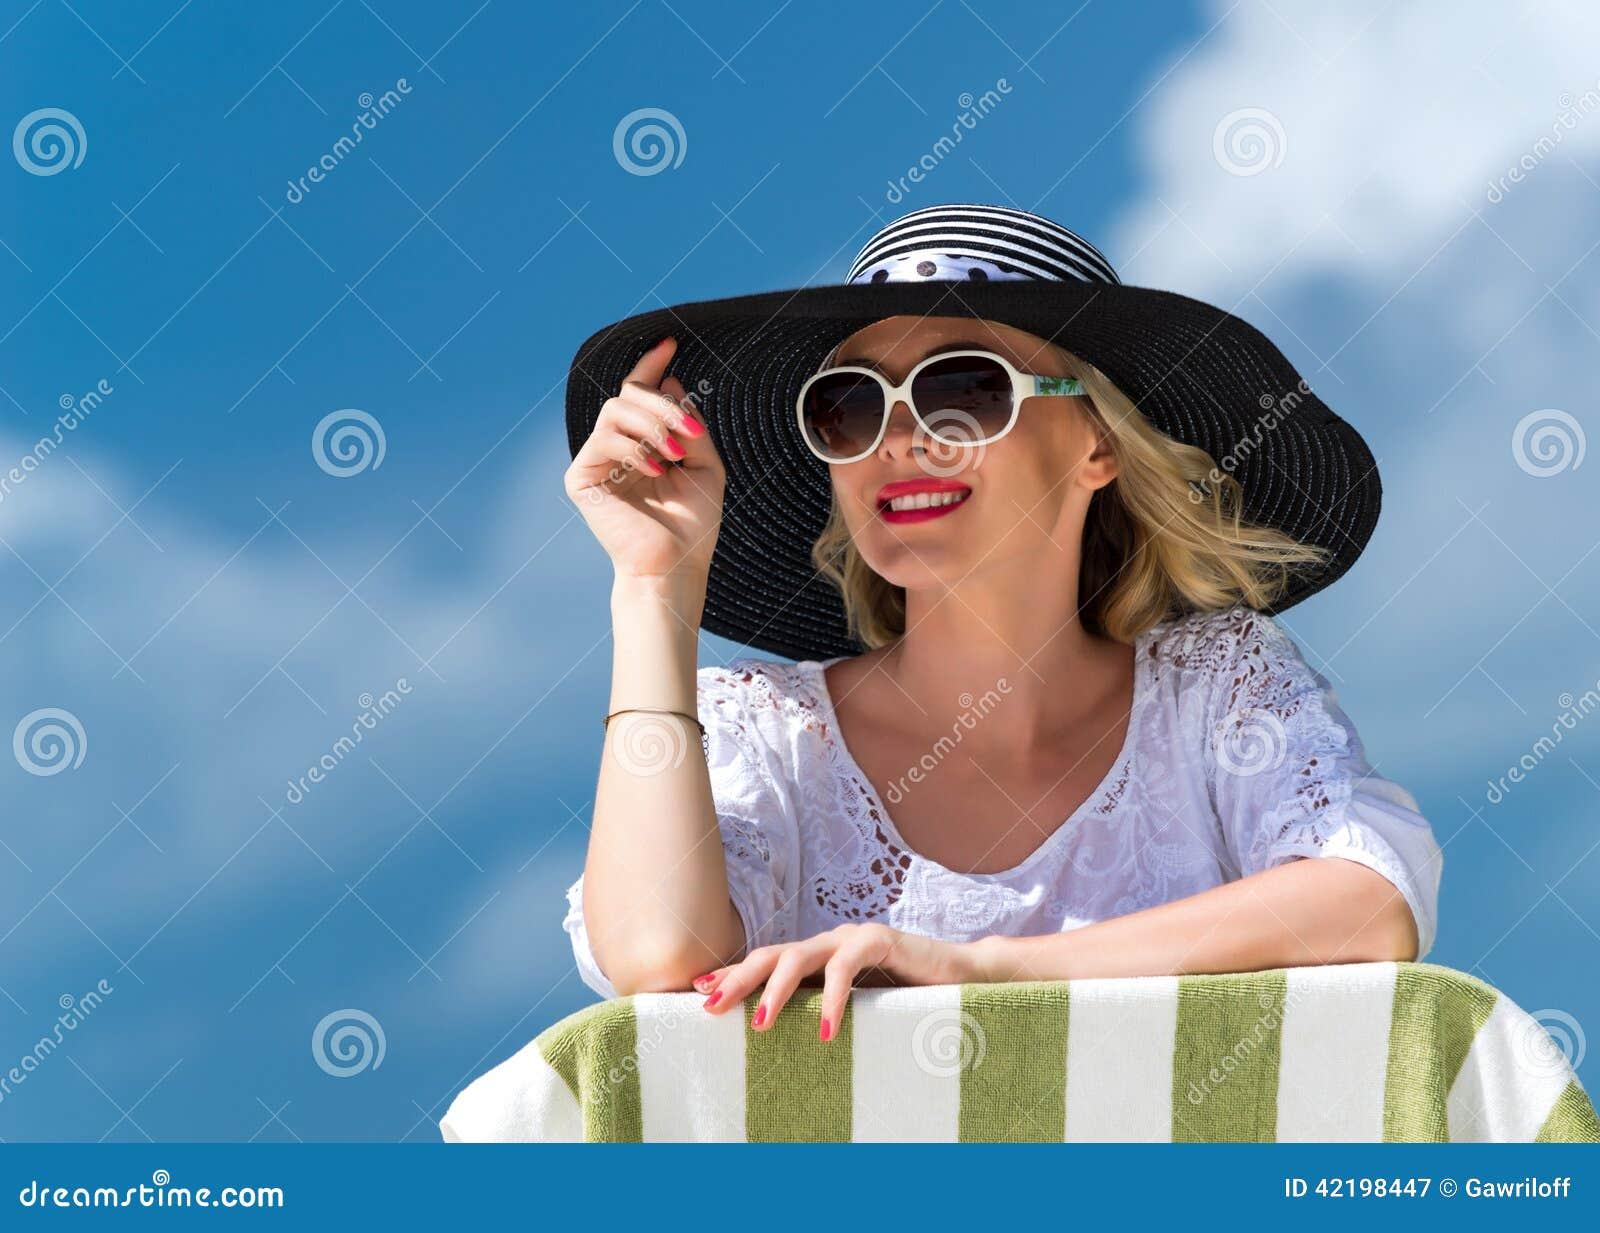 Szczęśliwa młoda kobieta na plaży, pięknej żeńskiej twarzy plenerowym portrecie, dosyć zdrowej dziewczyny relaksującym outside, n